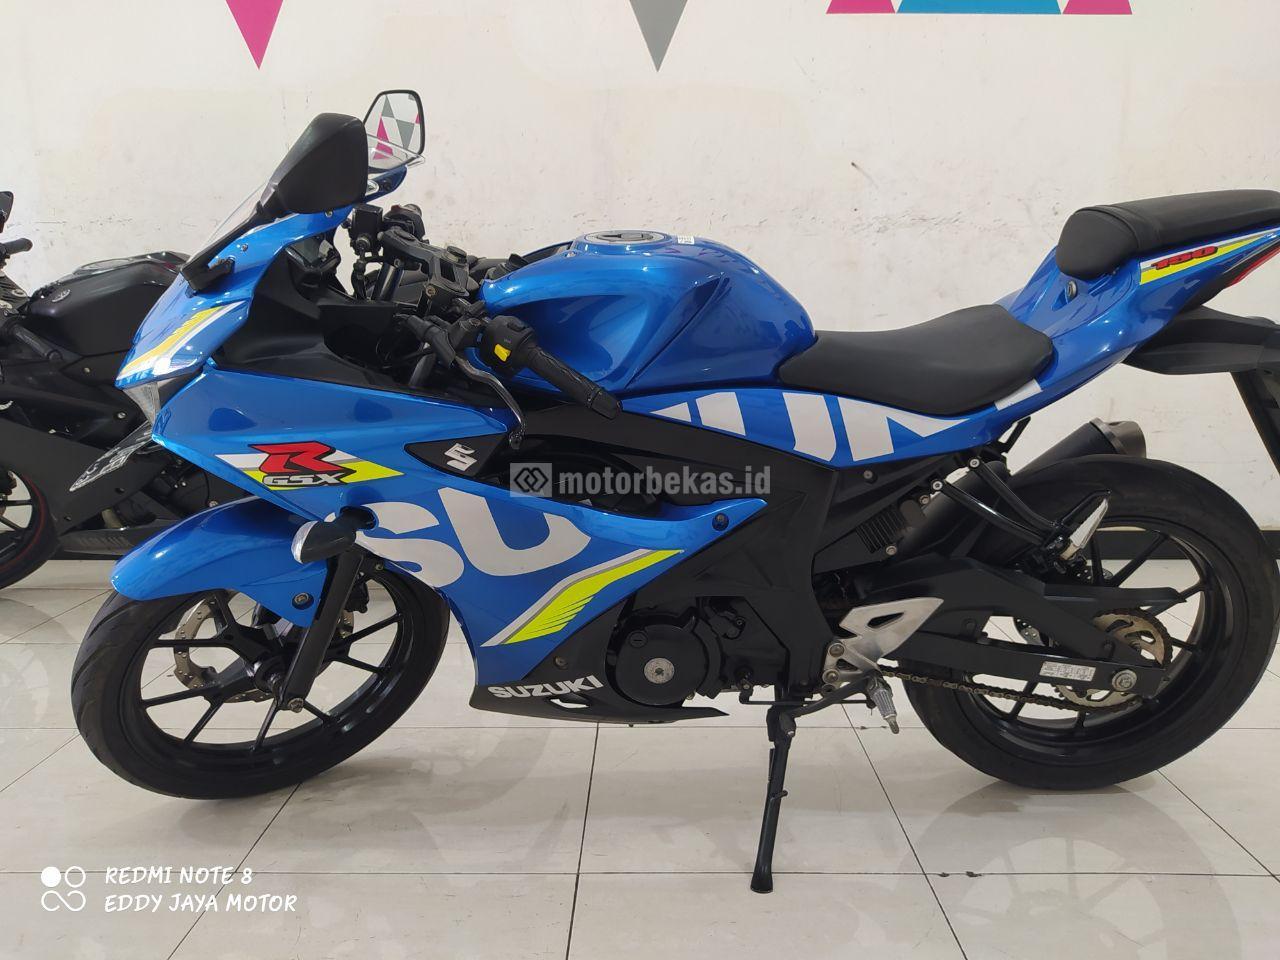 SUZUKI GSX 150R  1170 motorbekas.id